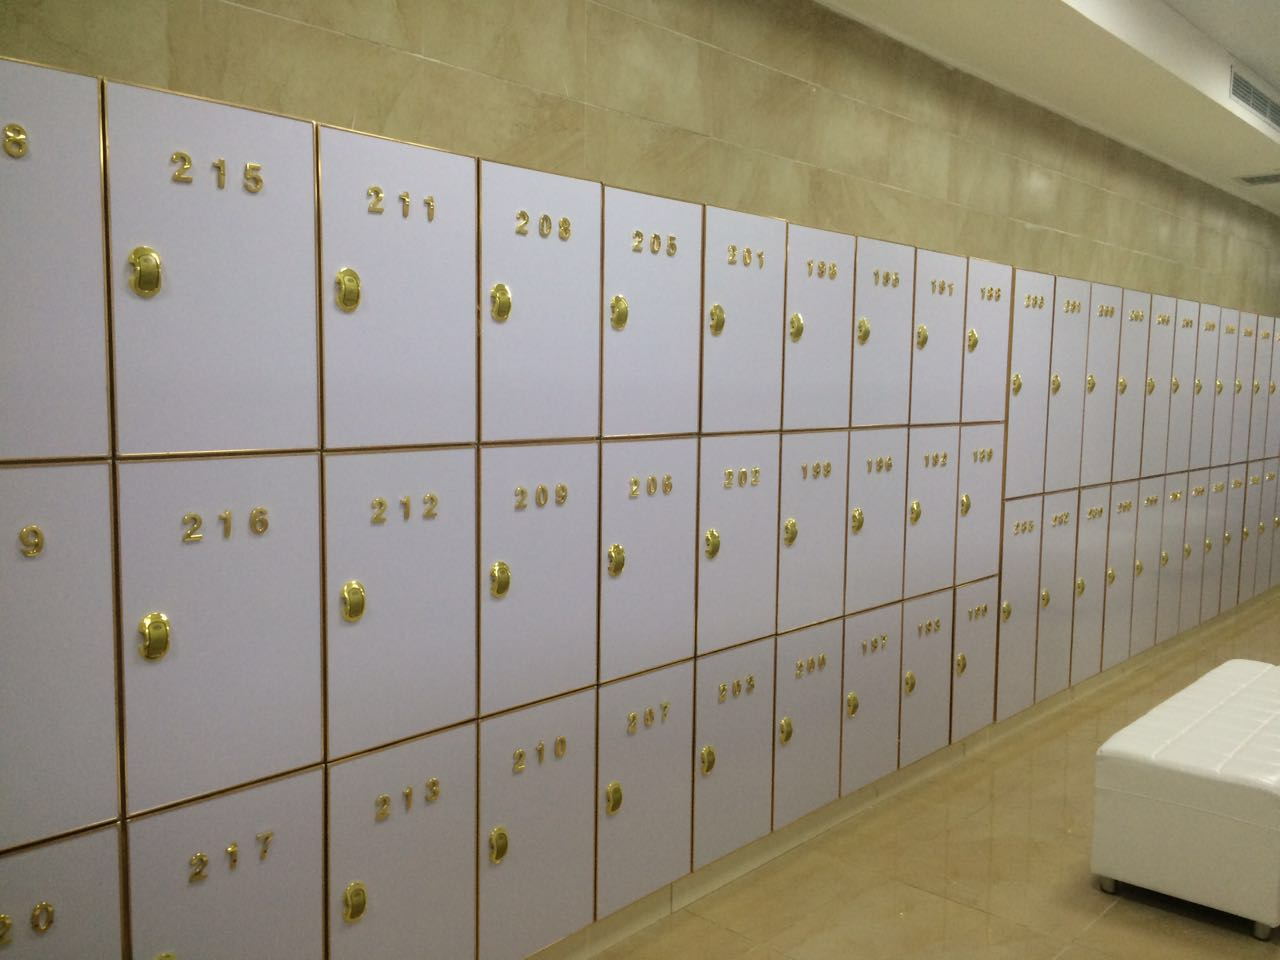 北京大众浴室_门板板式家具木质更衣柜pvc更衣柜大众浴池体育馆更衣柜储物柜文件柜